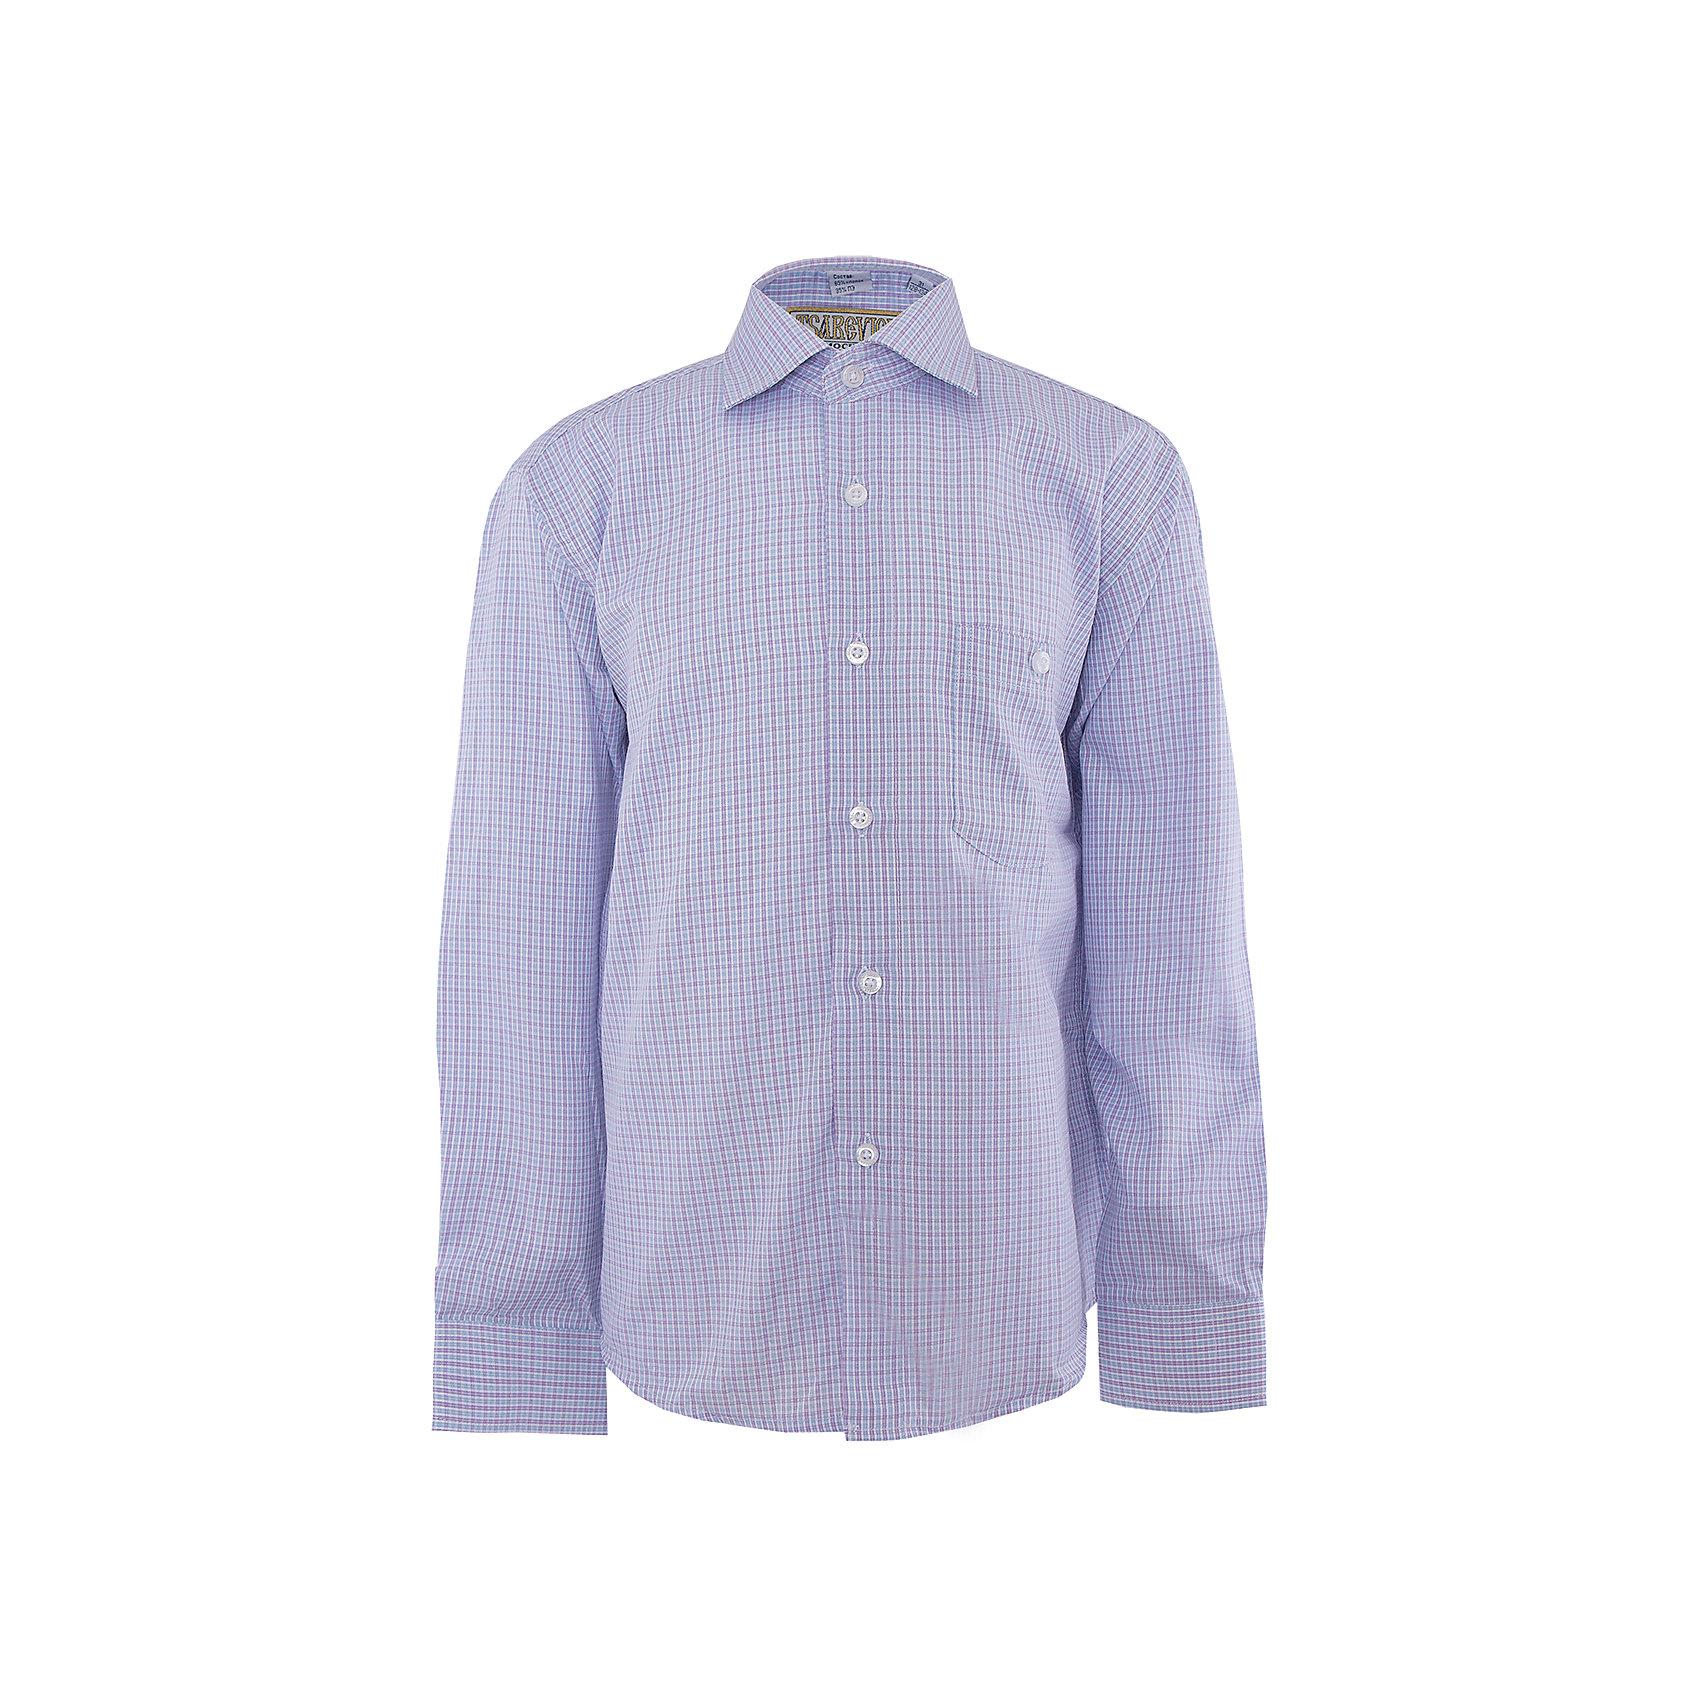 Рубашка для мальчика TsarevichБлузки и рубашки<br>Рубашка для мальчика от российской марки Tsarevich<br><br>Модная и удобная рубашка с длинным рукавом хорошо сидит, не стесняет движения. Материал - гипоаллергенный, дышащий и приятный на ощупь.<br><br>Особенности модели:<br><br>- материал - легкий, с содержанием хлопка;<br>- цвет - мелкая голубая клетка;<br>- карман на груди с пуговицей;<br>- рукав длинный;<br>- застежки-пуговицы;<br>- манжеты;<br>- отложной воротник;<br>- пуговицы на манжетах.<br><br>Дополнительная информация:<br><br>Состав: 65% хлопок, 35% полиэстер<br><br>Габариты:<br><br>длина рукава - 47 см;<br>длина по спинке - 56 см.<br><br>* соответствует размеру 30/128-134<br><br>Уход за изделием:<br><br>стирка в машине при температуре до 40°С,<br>не отбеливать,<br>гладить на средней температуре.<br><br>Рубашку для мальчика от российской марки Tsarevich (Царевич) можно купить в нашем магазине.<br><br>Ширина мм: 174<br>Глубина мм: 10<br>Высота мм: 169<br>Вес г: 157<br>Цвет: фиолетовый<br>Возраст от месяцев: 84<br>Возраст до месяцев: 96<br>Пол: Мужской<br>Возраст: Детский<br>Размер: 122/128,164/170,158/164,152/158,146/152,140/146,134/140,128/134<br>SKU: 4295890